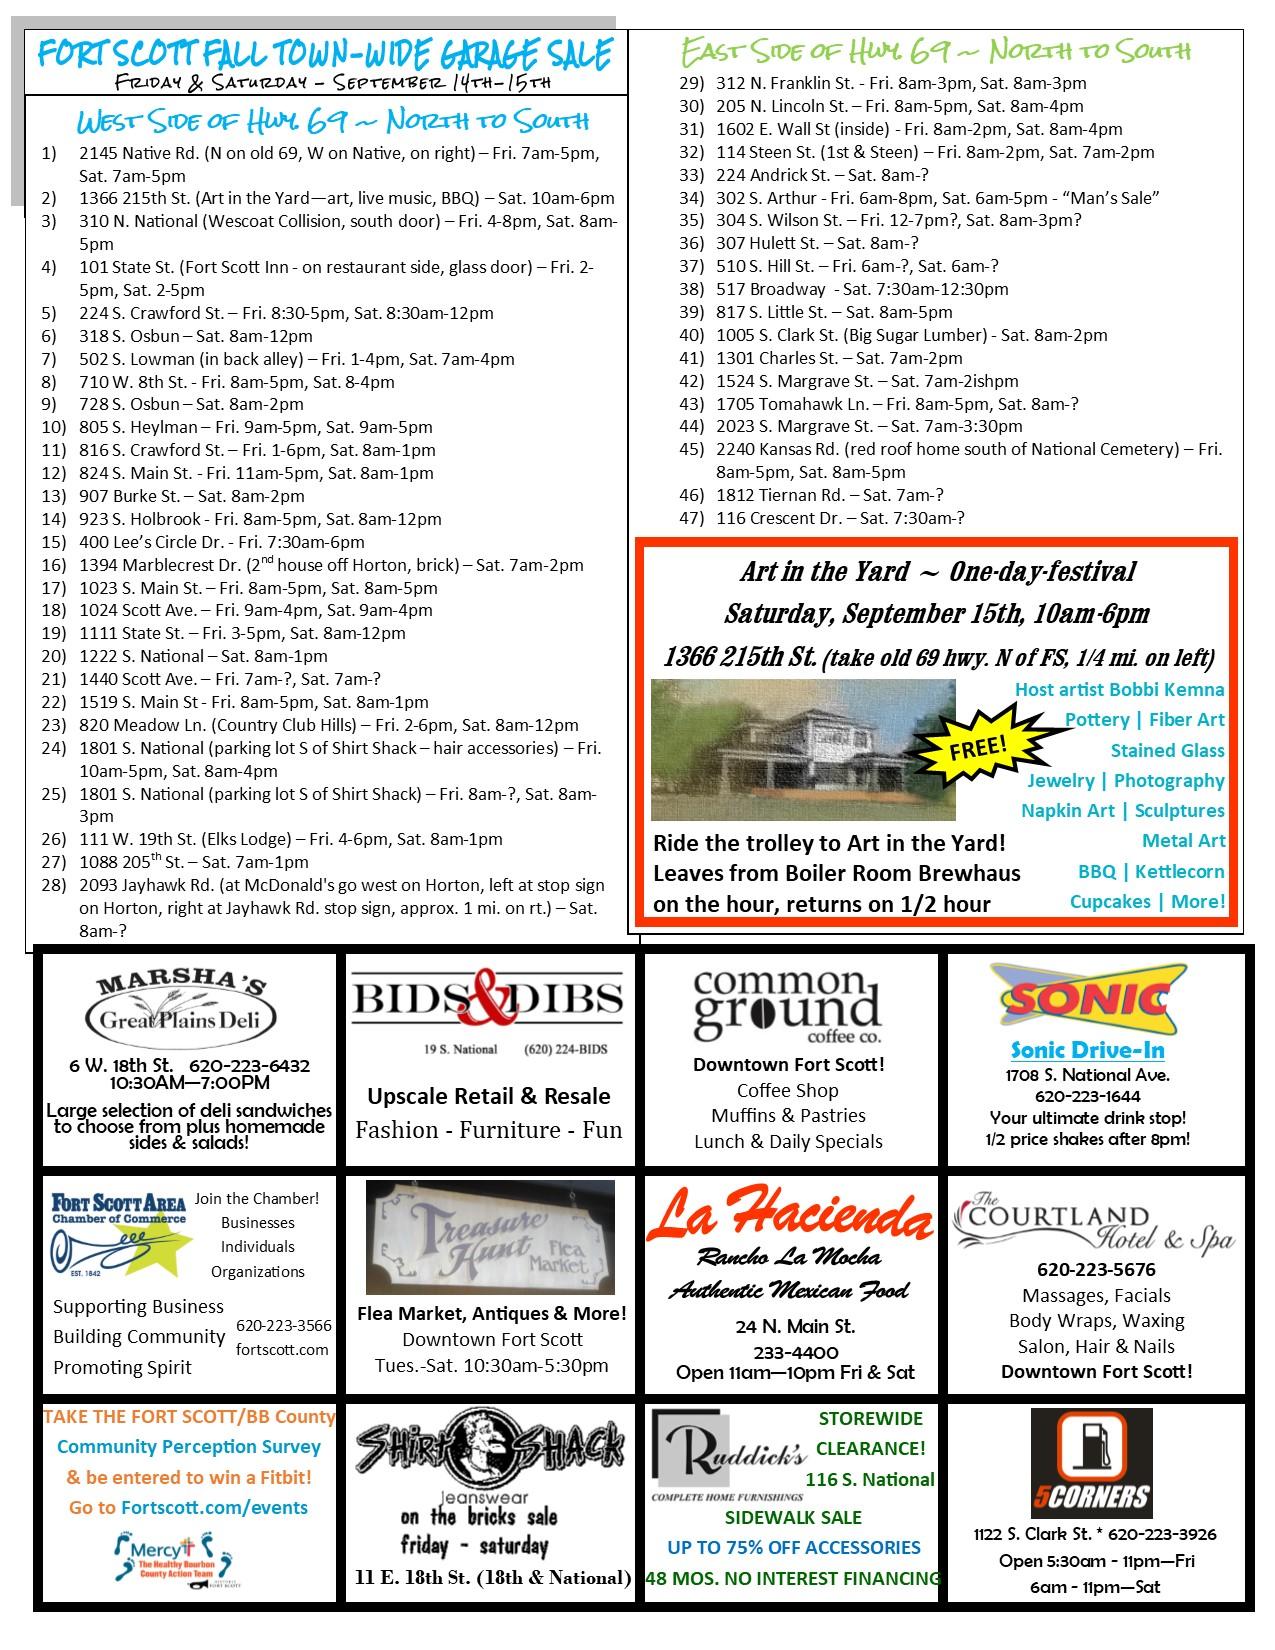 Town-wide Garage Sale Listing - Fort Scott